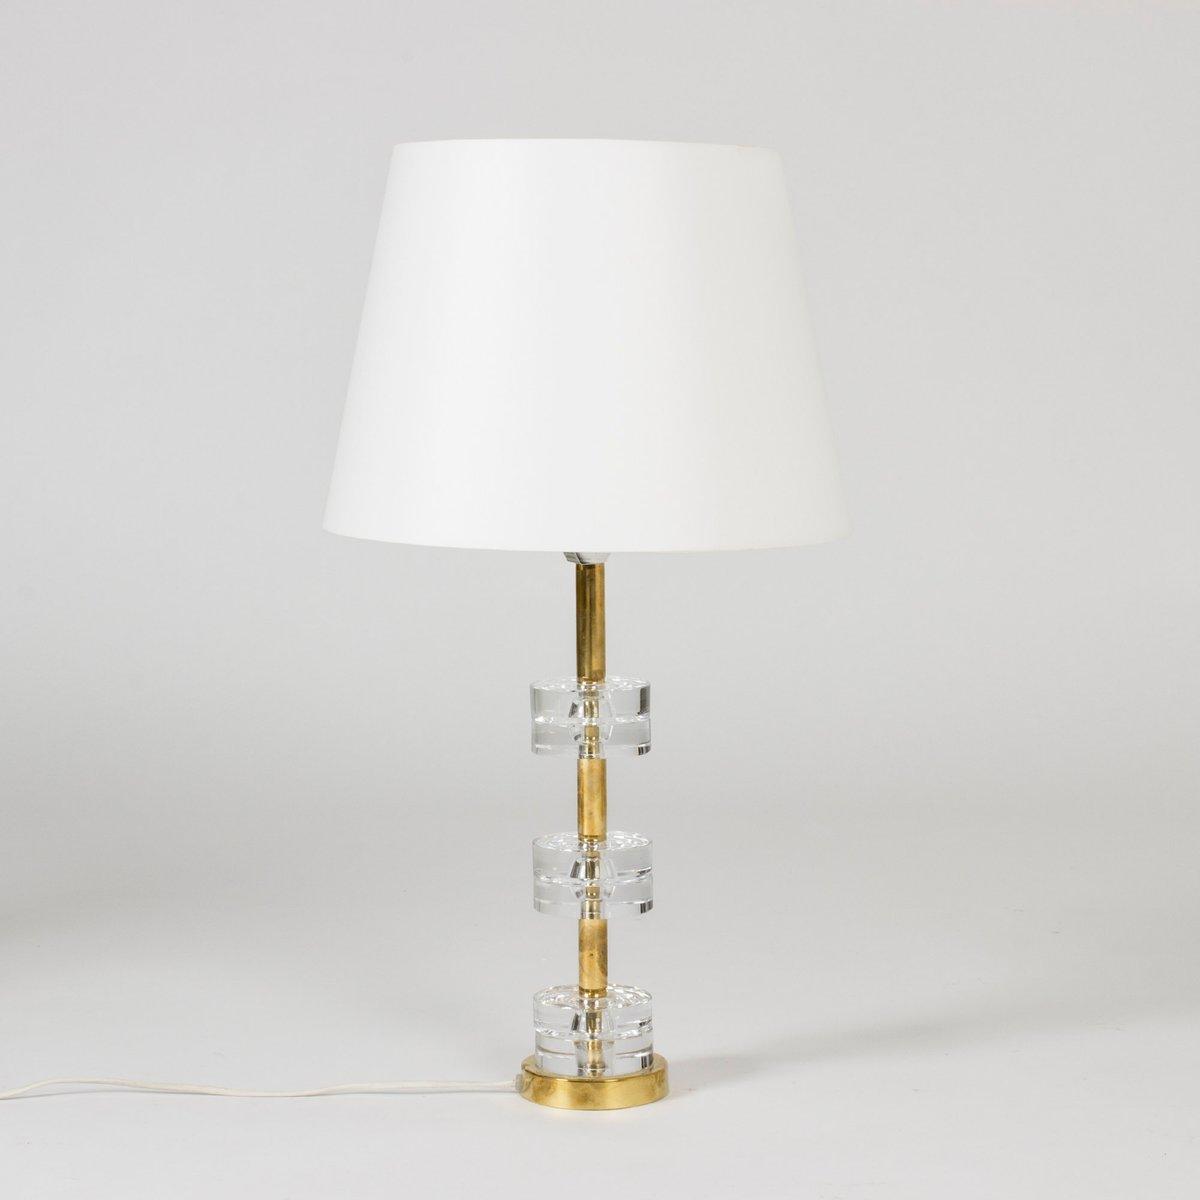 Tischlampe von Carl Fagerlund für Orrefors, 1960er